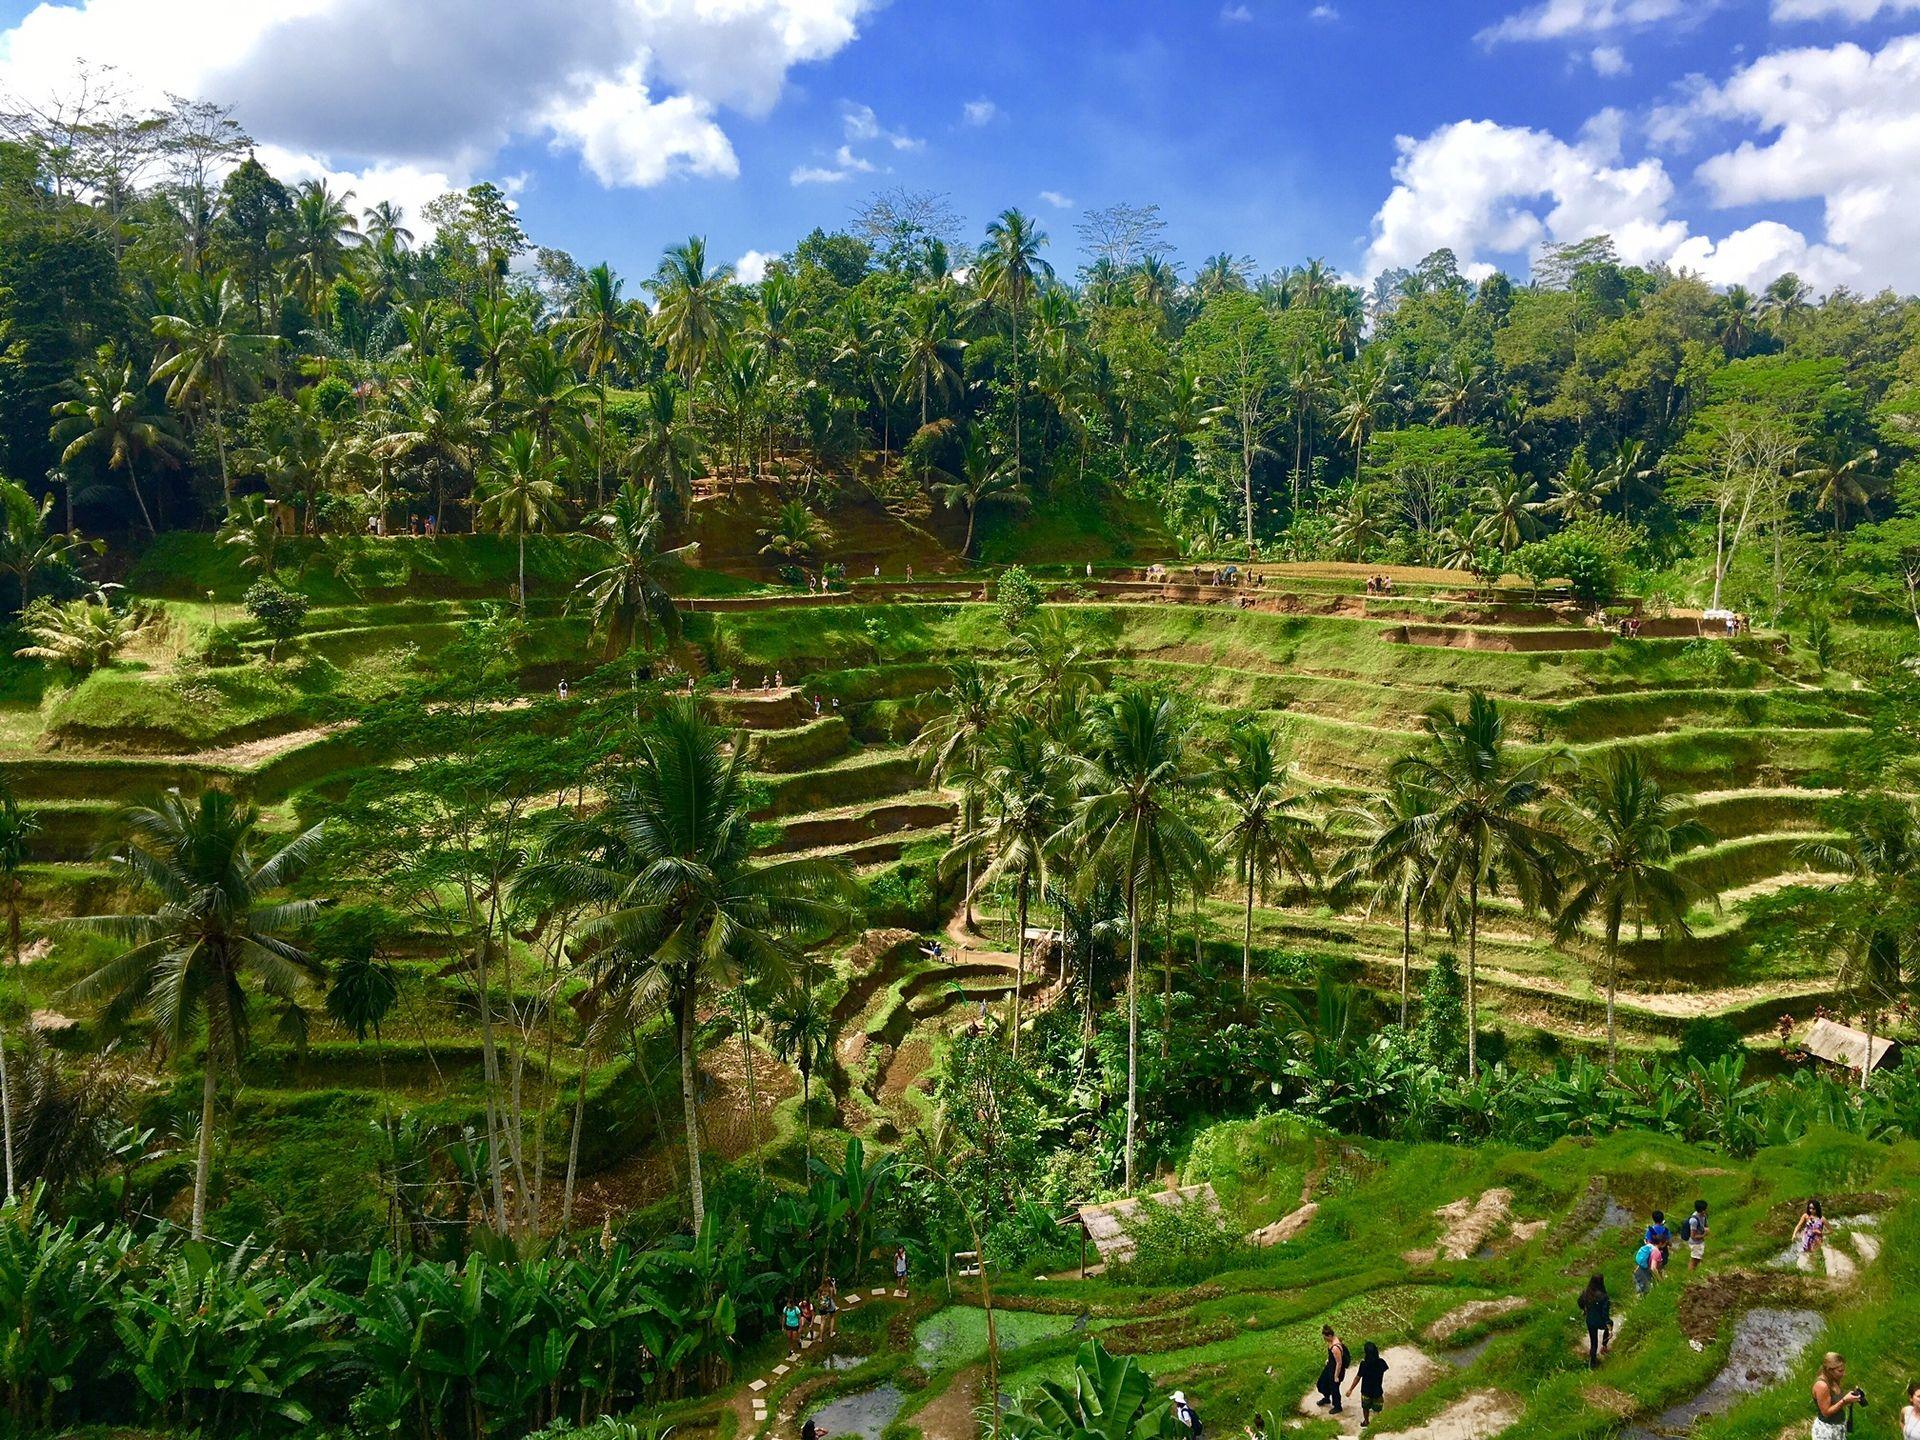 Les Incontournables de l'Indonésie, Combiné Java Bali, 13J 10N, départs garantis à partir de 02 participants - voyage  - sejour